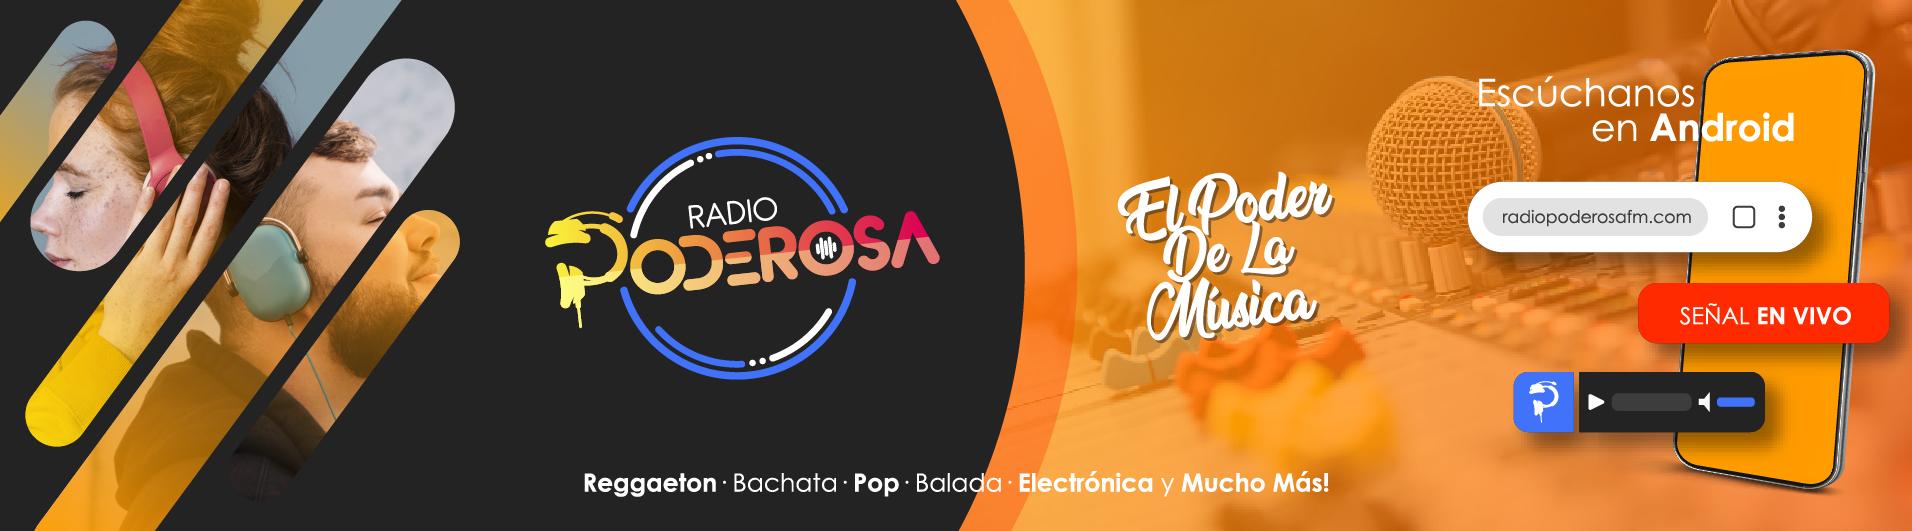 Radio Poderosa – El Poder De La Música …